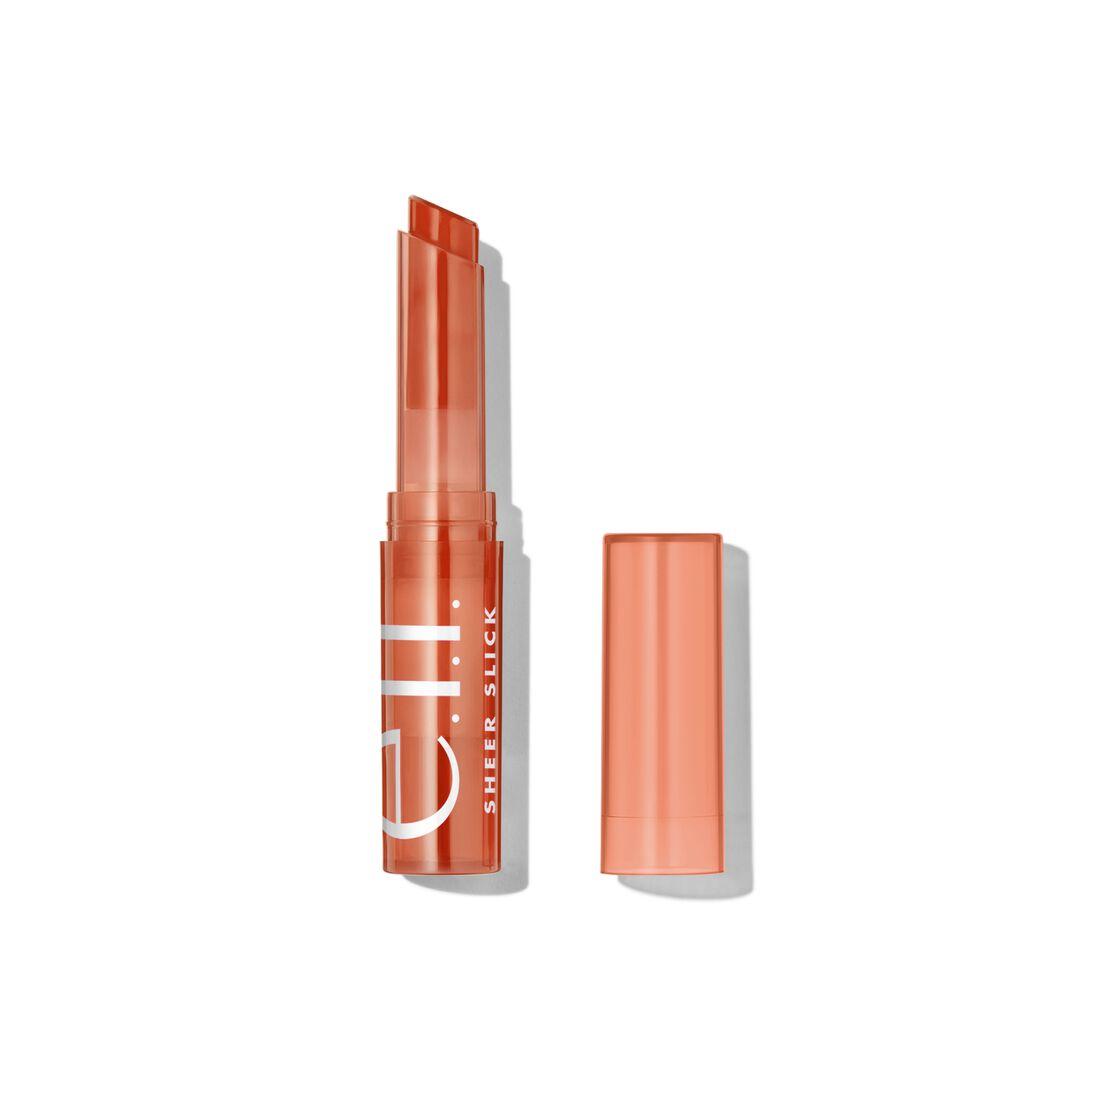 ELF New Sheer Slick Lipstick Shades Summer 2020